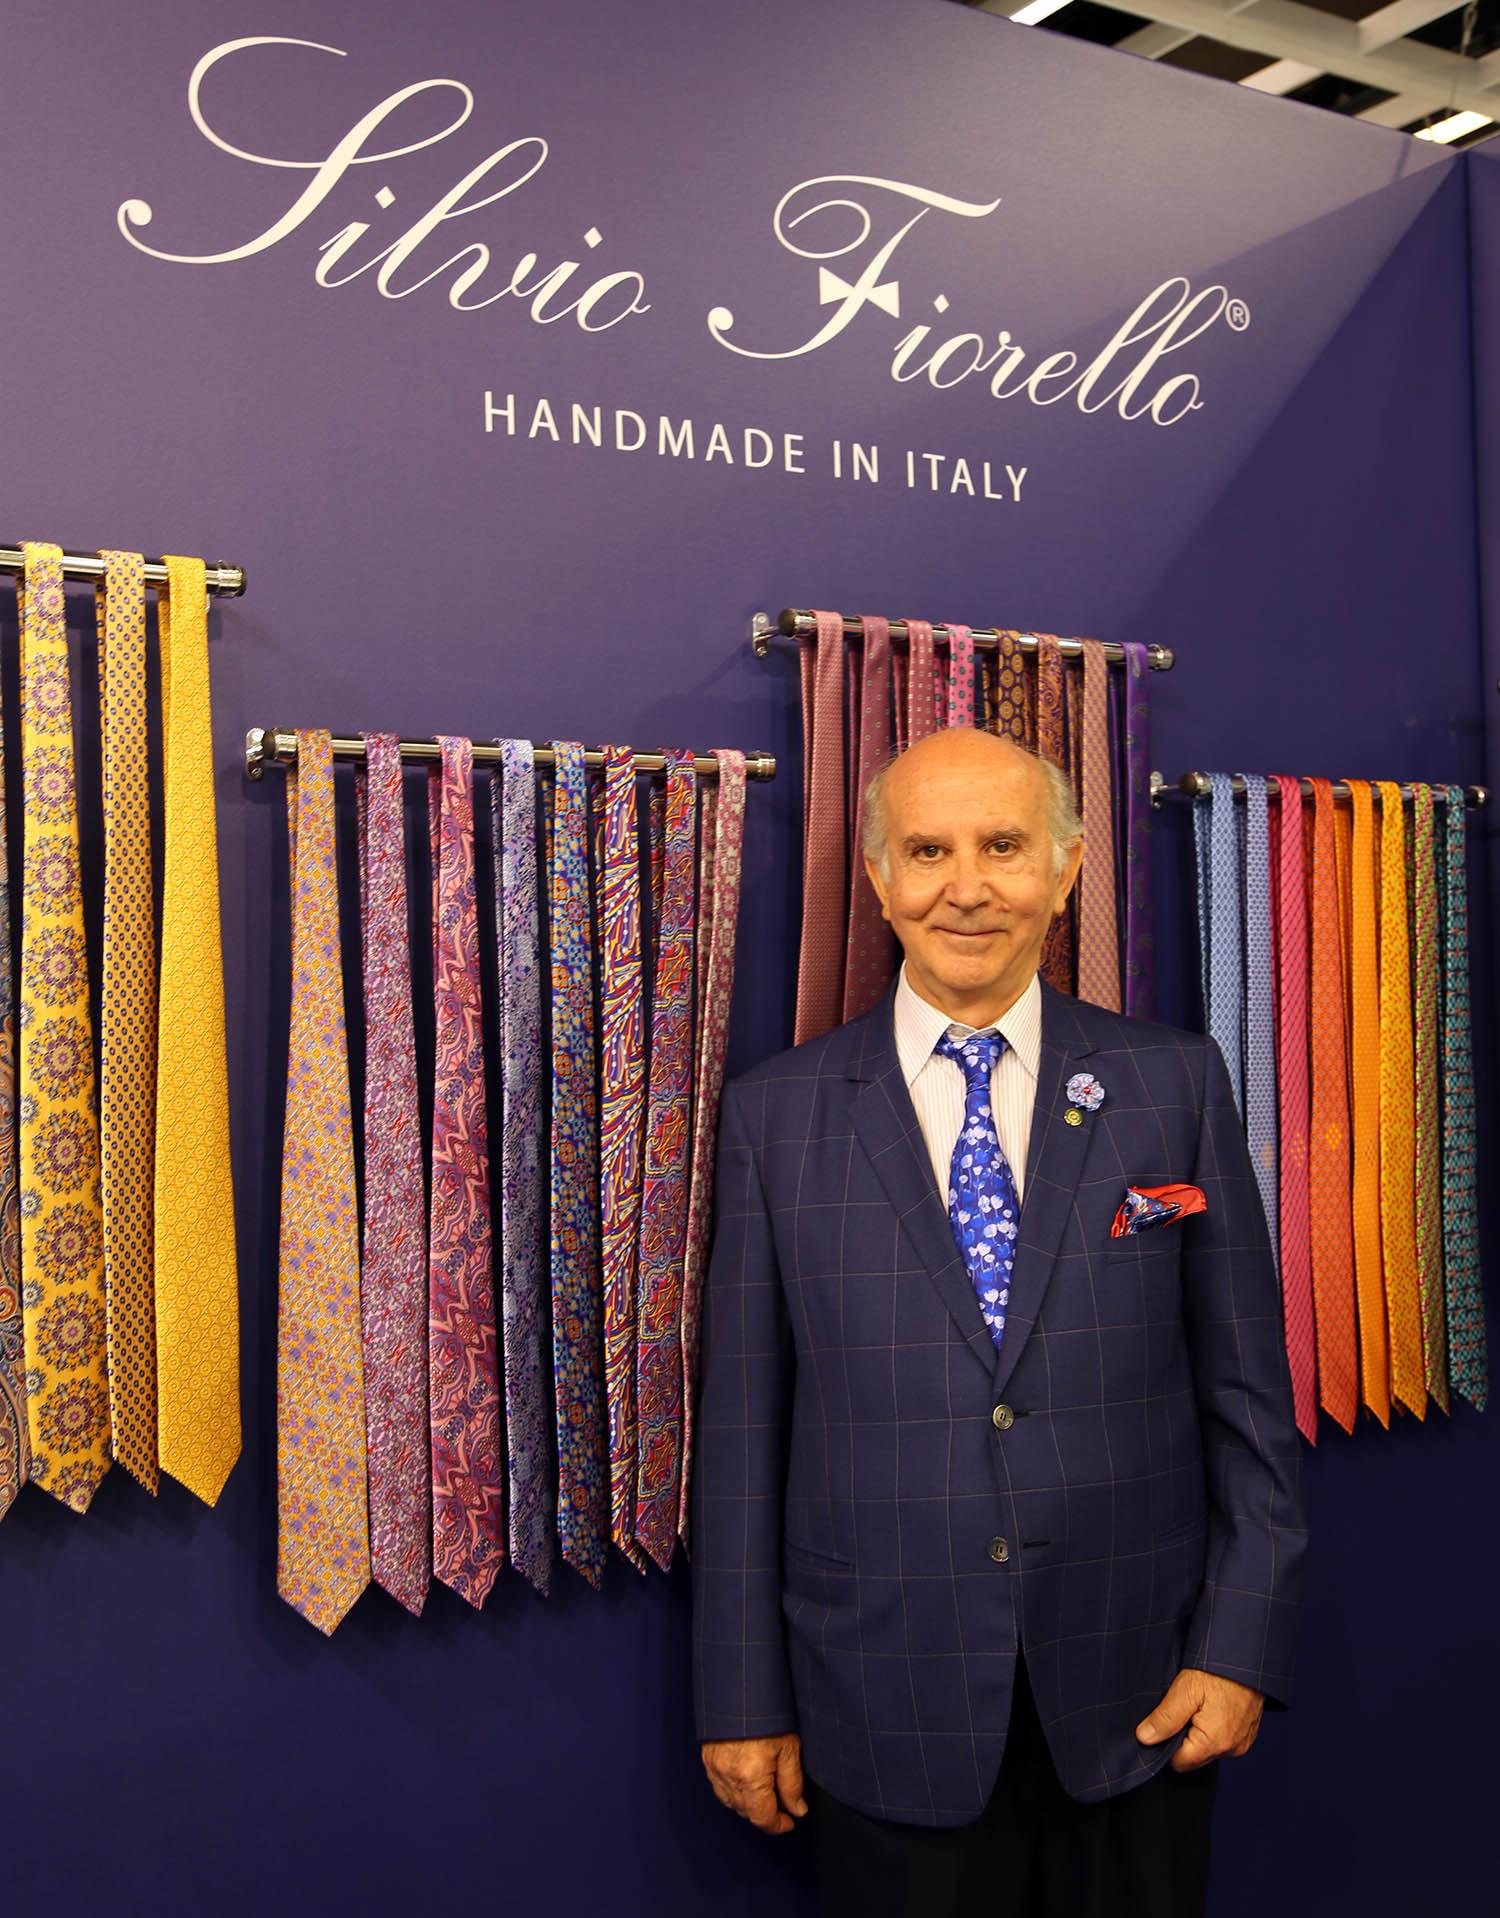 Silvio Fiorello in person with exhibition display.